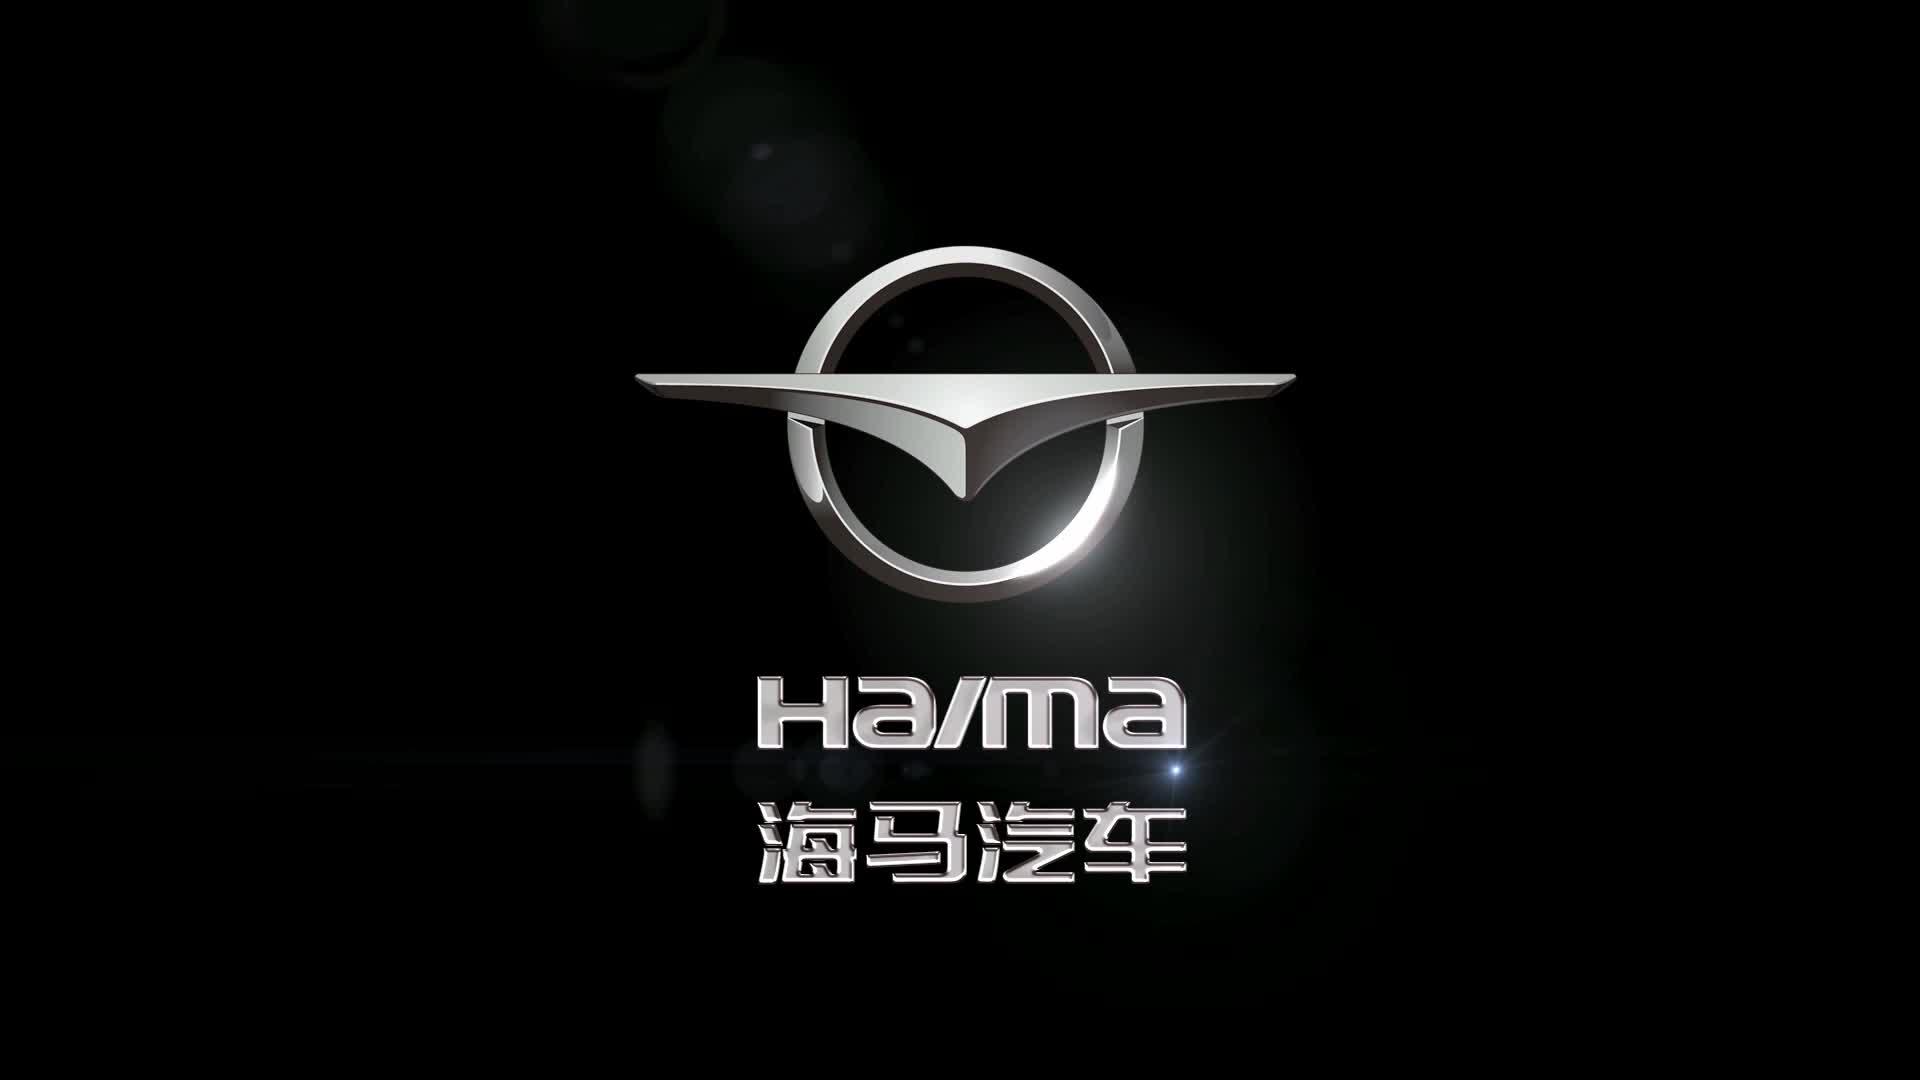 【海马m6视频 值得观看】-武威中森汽车